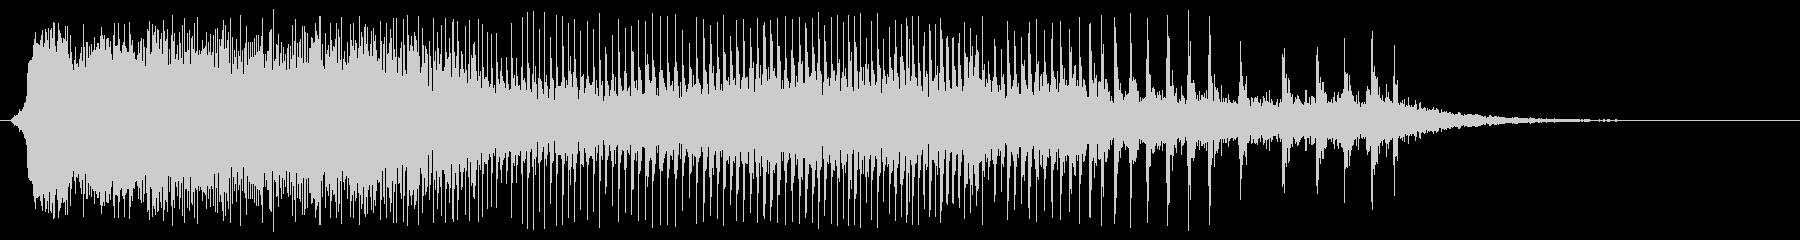 ギィィー(木のきしみ音)の未再生の波形